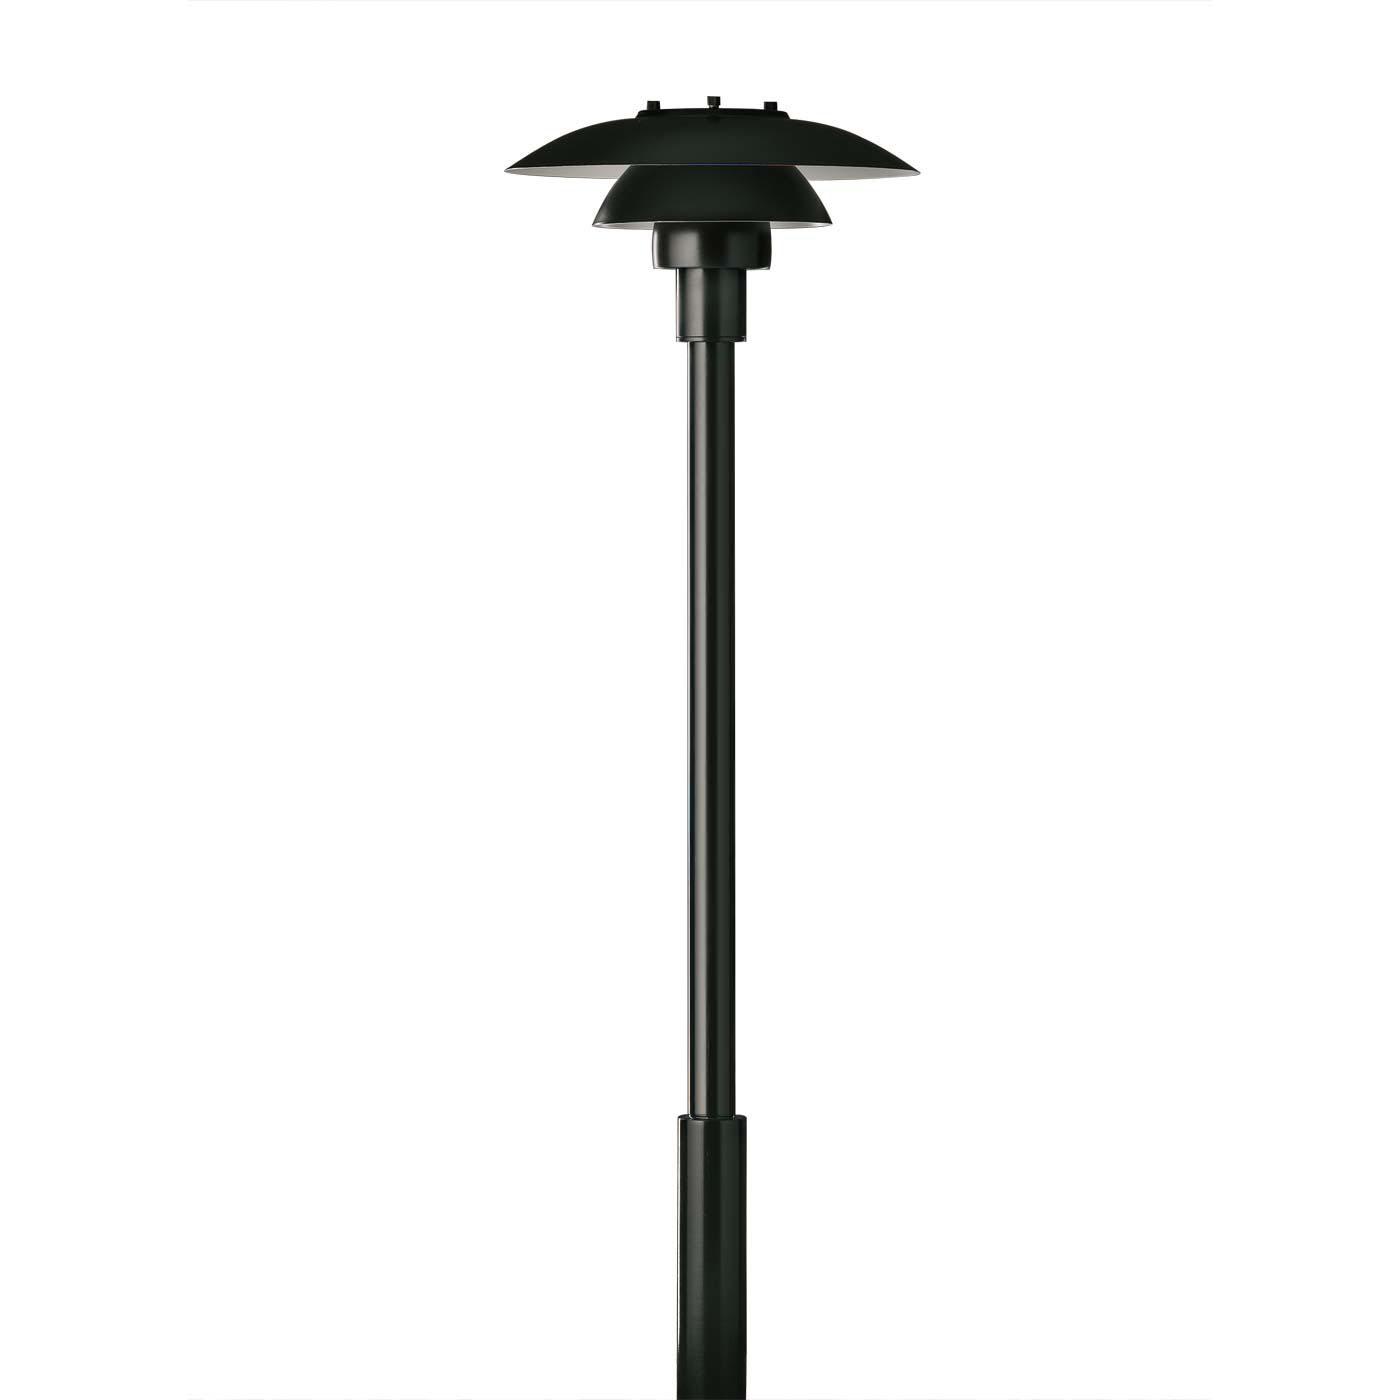 Modern outdoor bollard lamp tall outdoor garden lamp for Tall landscape lights